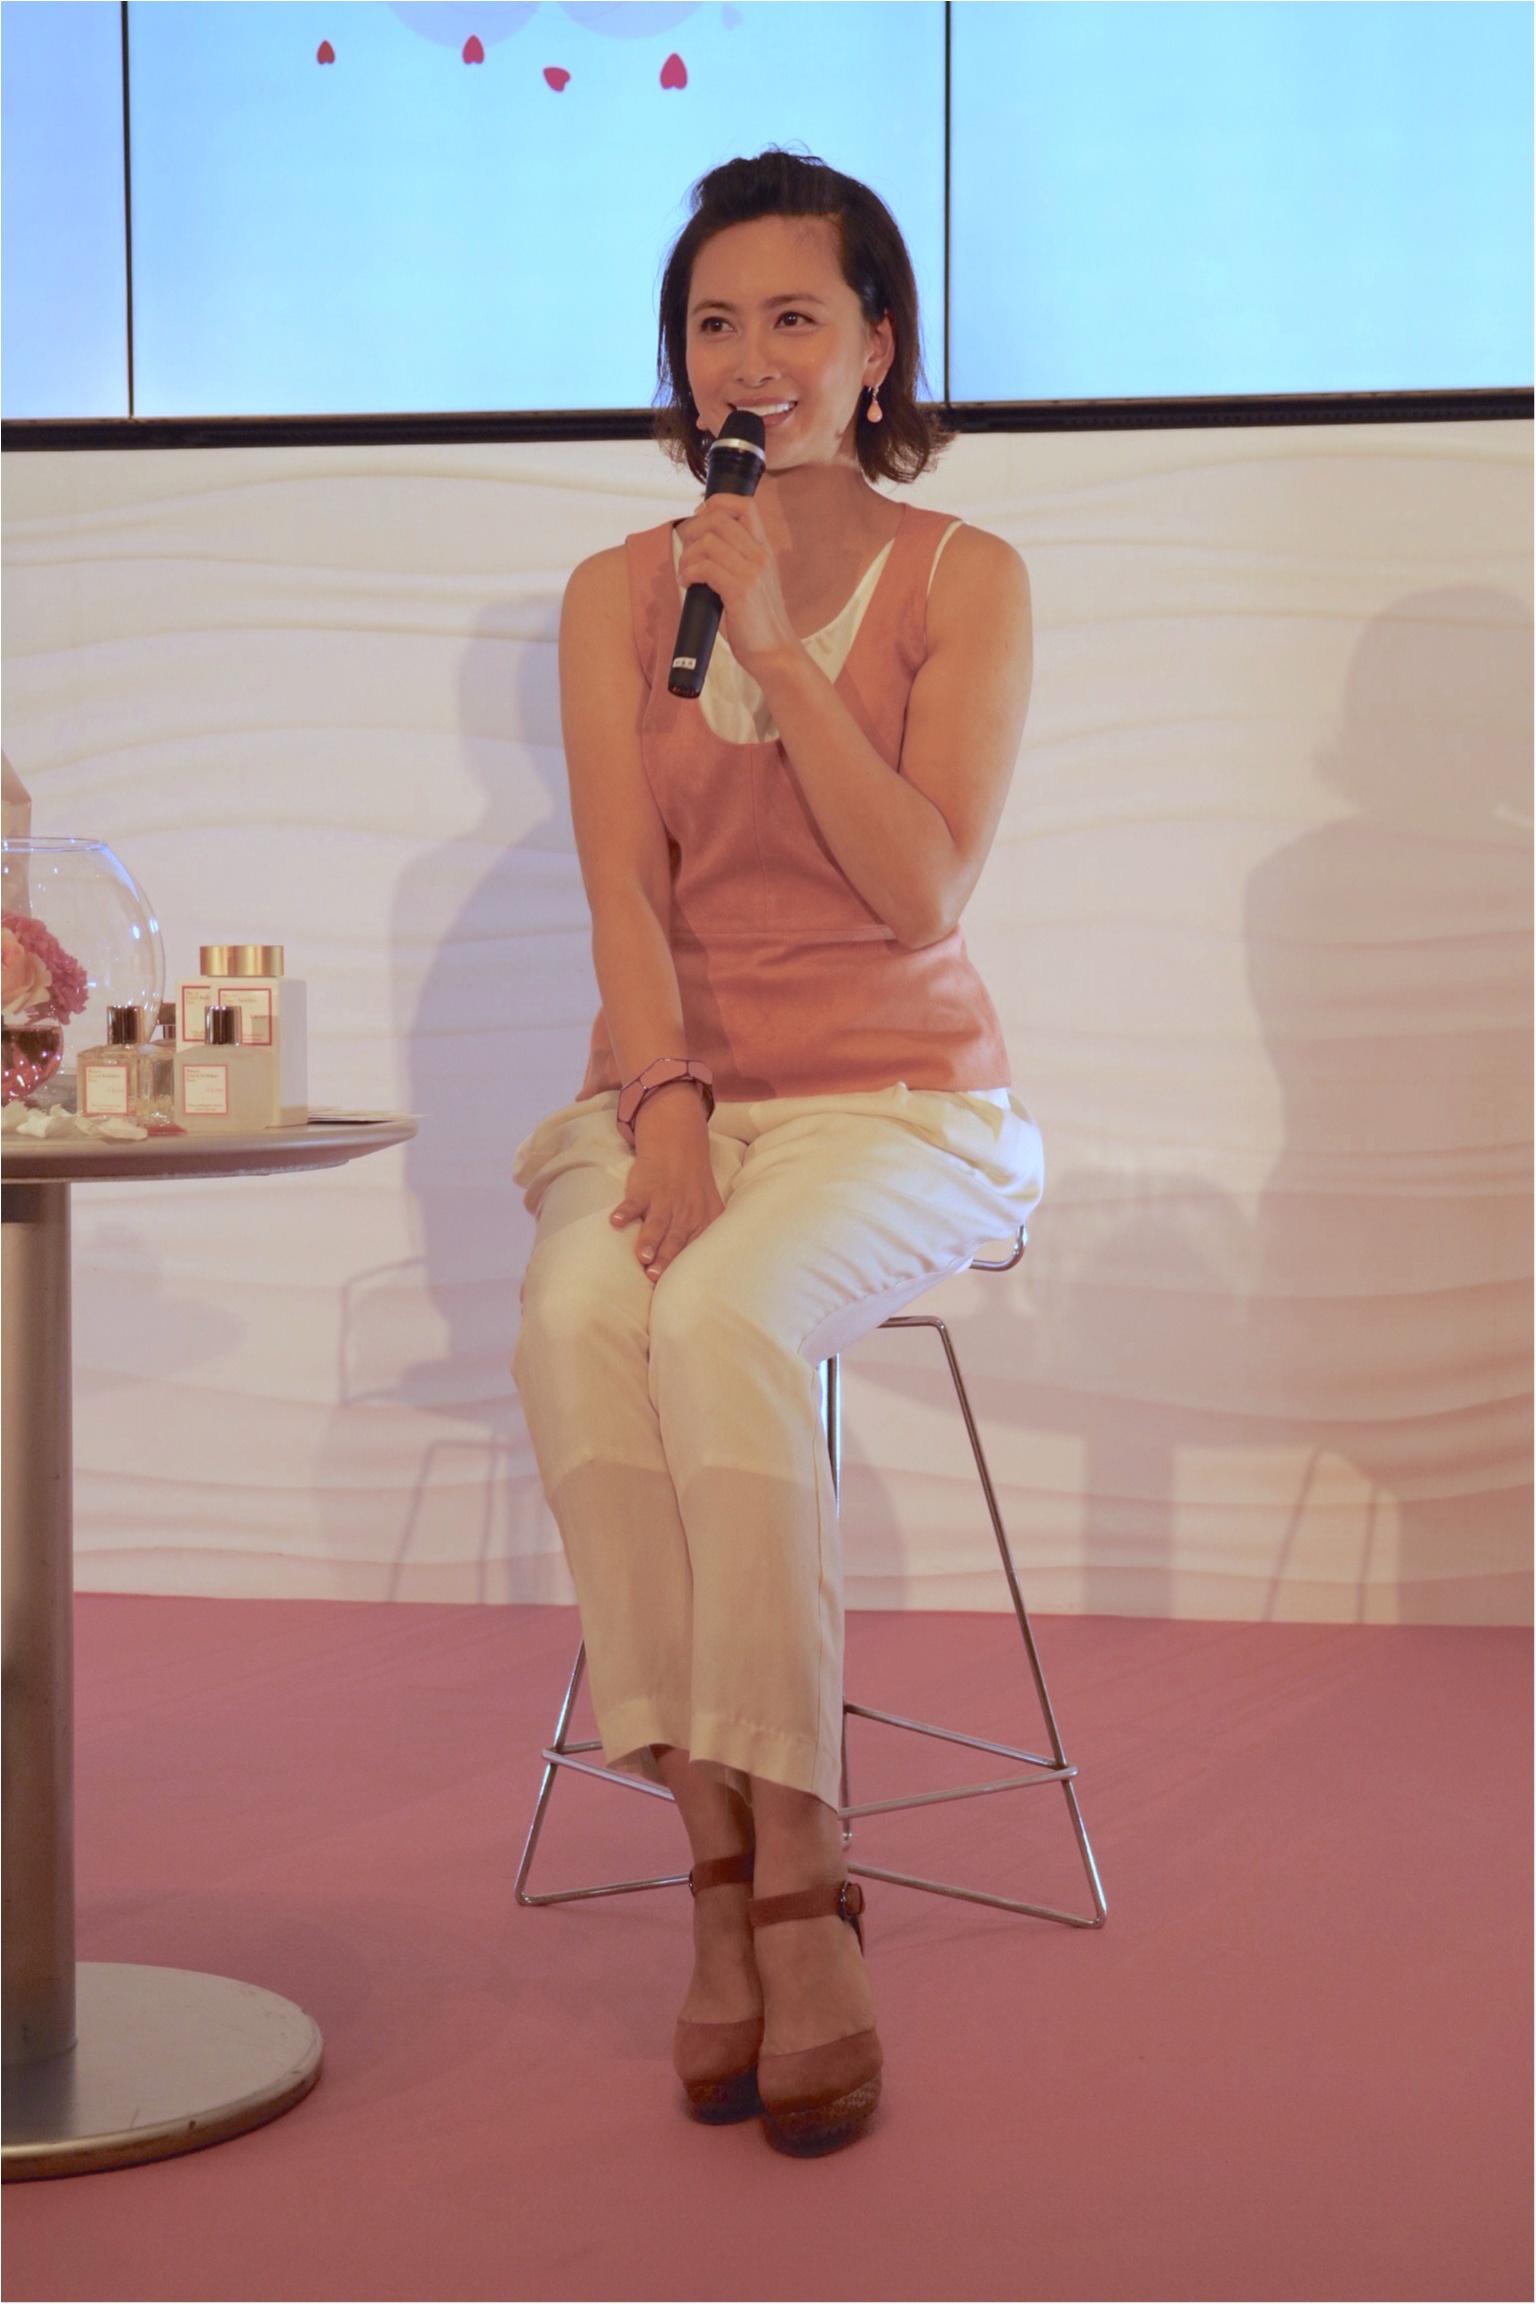 【10/1は香水の日】『ブルーベル・ジャパン』の発表会に潜入! フレグランス アンバサダーの加藤夏希さんに会えるチャンスも♡ _1